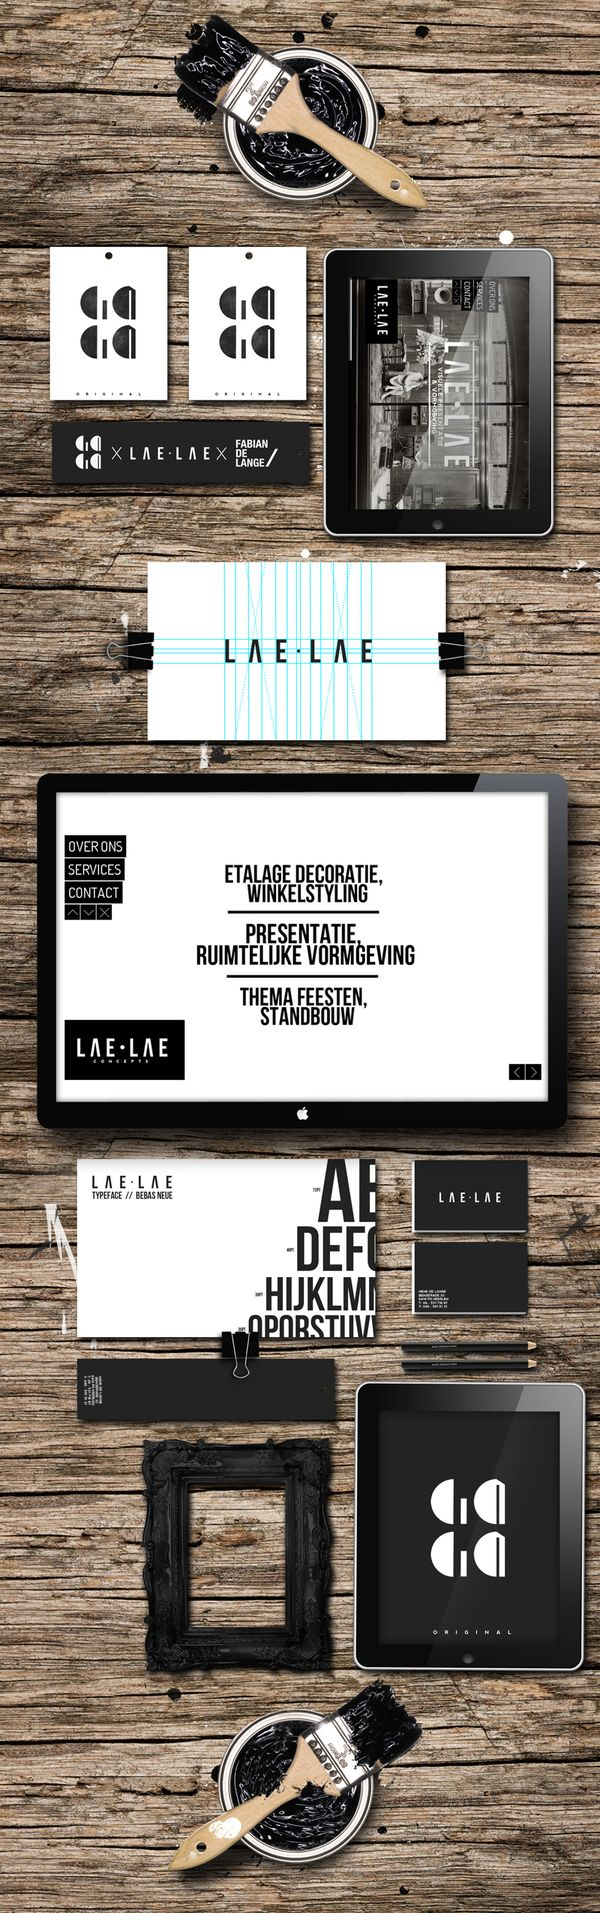 Typography by Fabian De Lange